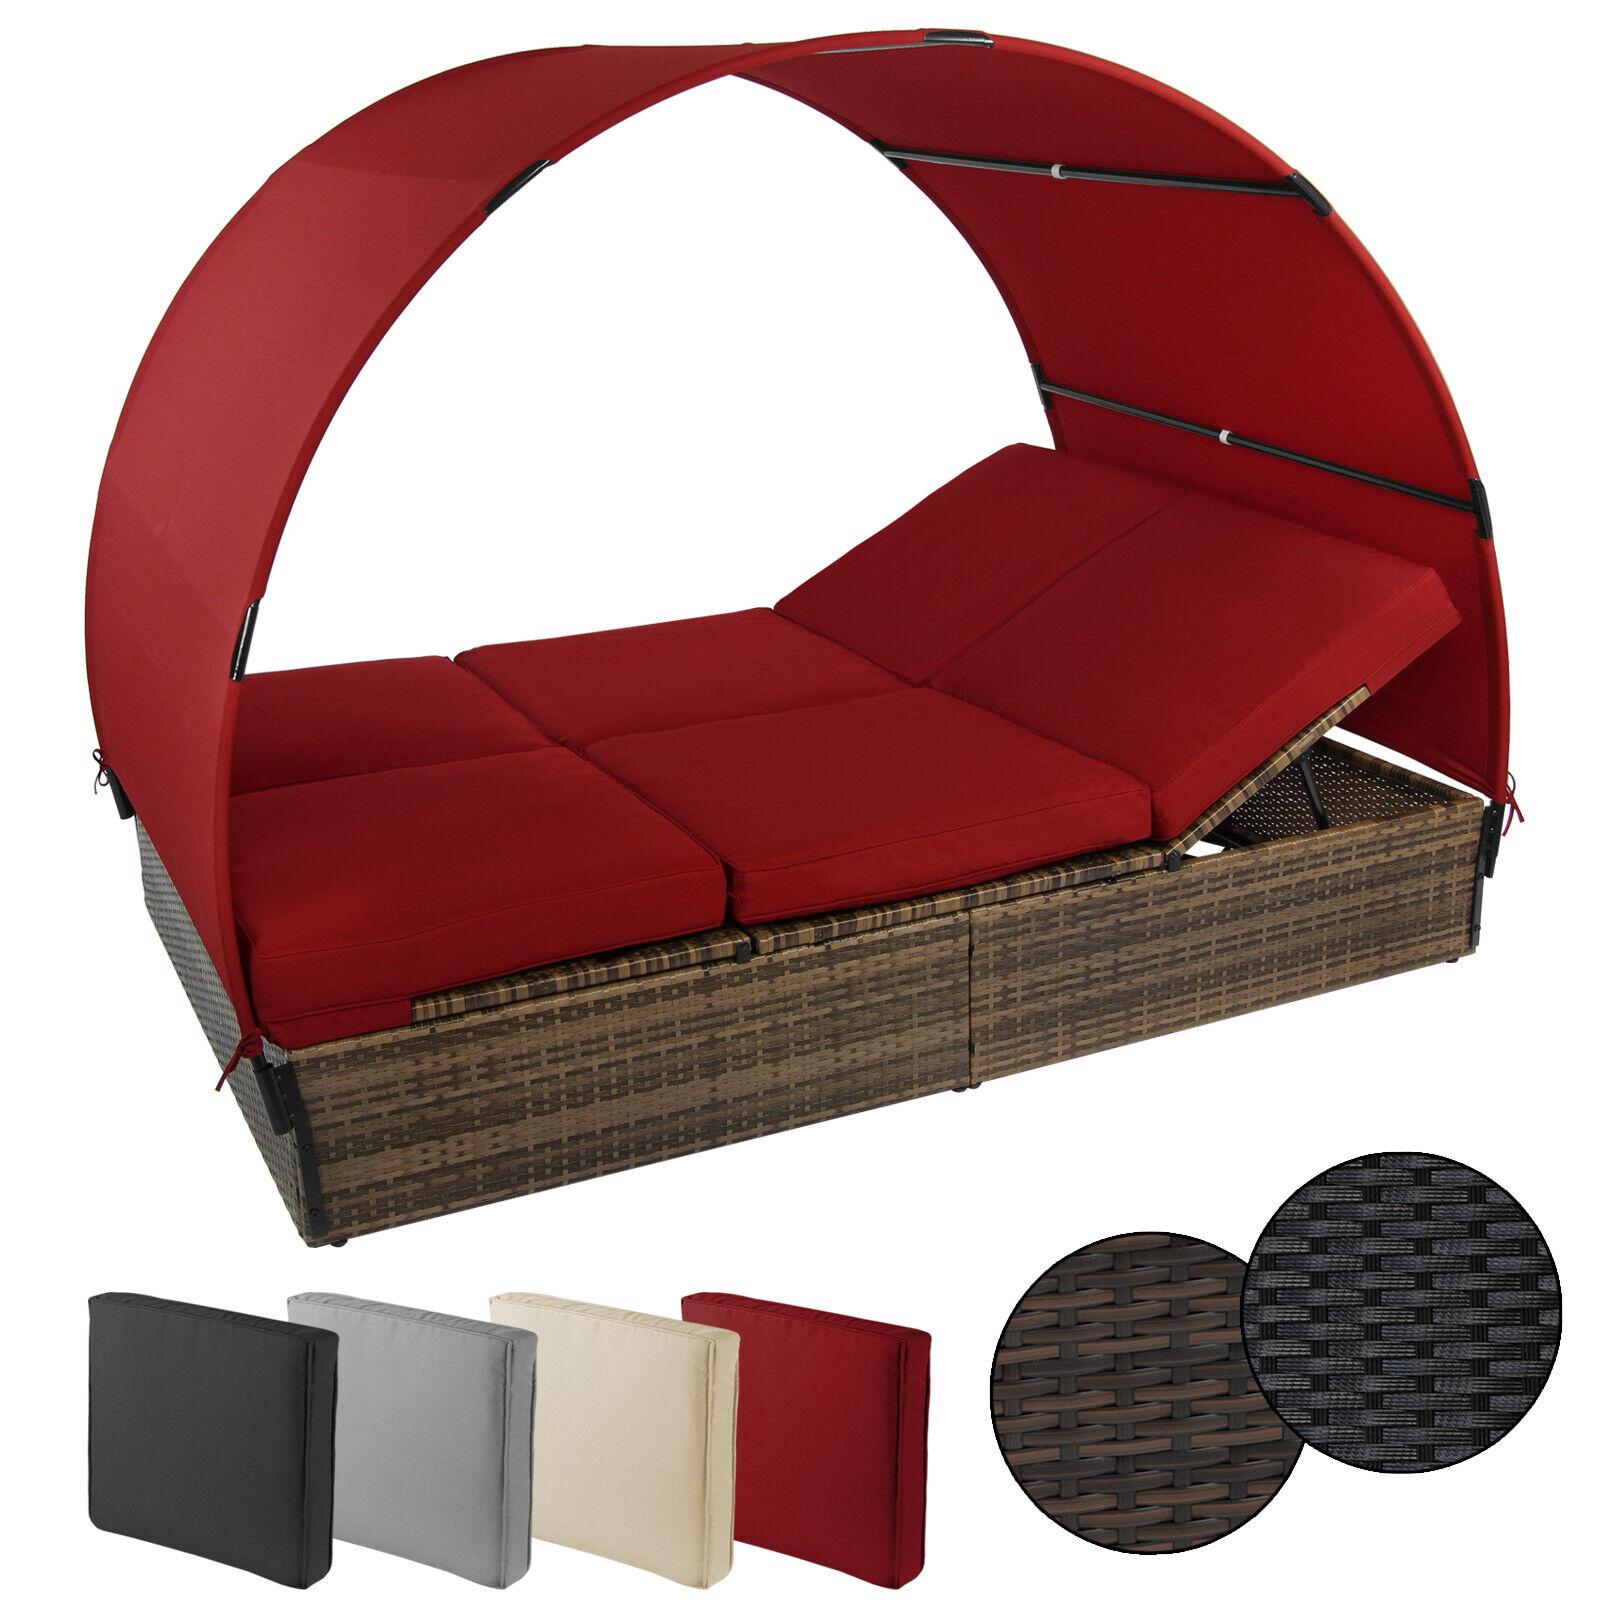 Sonnenliege Polyrattan Möbel Liege Gartenliege Doppelbett Sonnendach